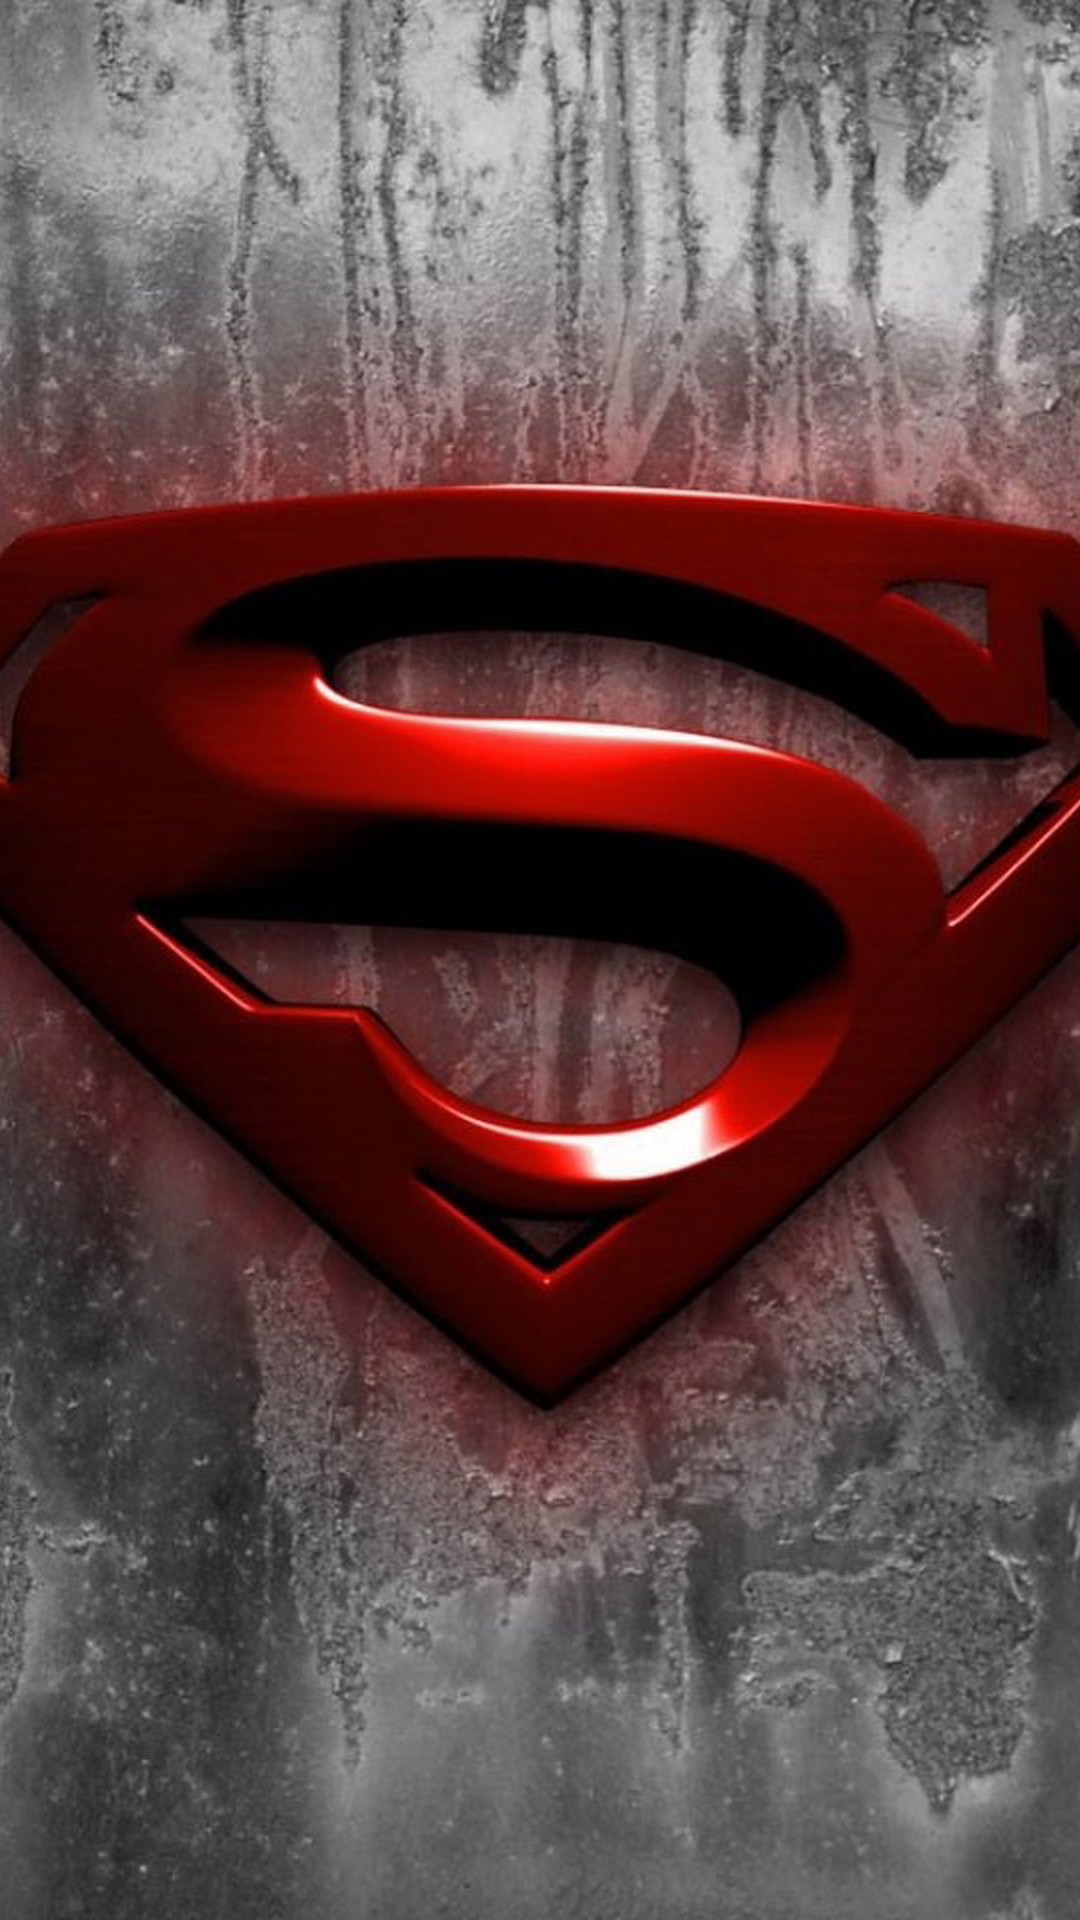 3d Desktop Wallpaper Superman Hd Superman Logo Iphone Wallpaper Hd 65 Images